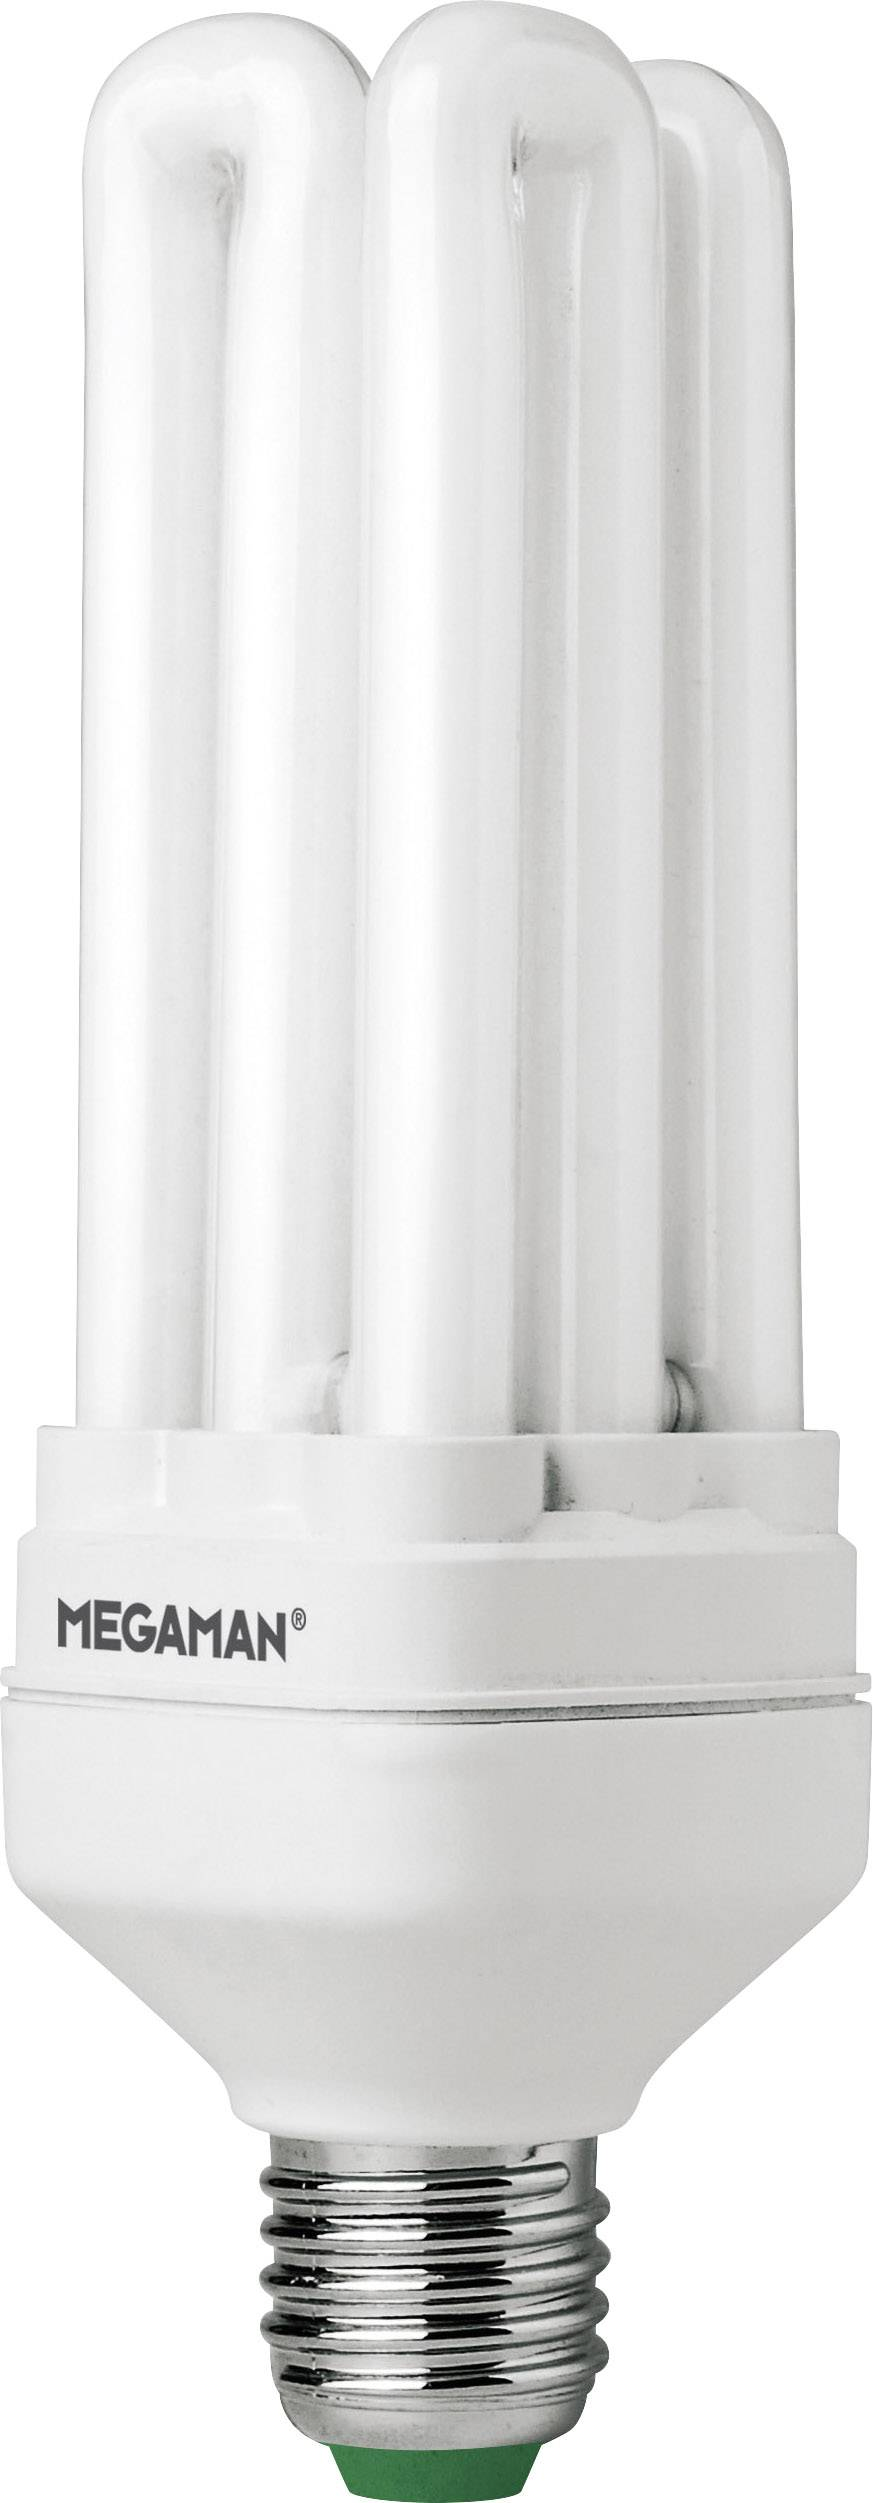 Úsporná žiarovka rúrková Megaman Compact 2000 HPF E27, 30 W, studená biela